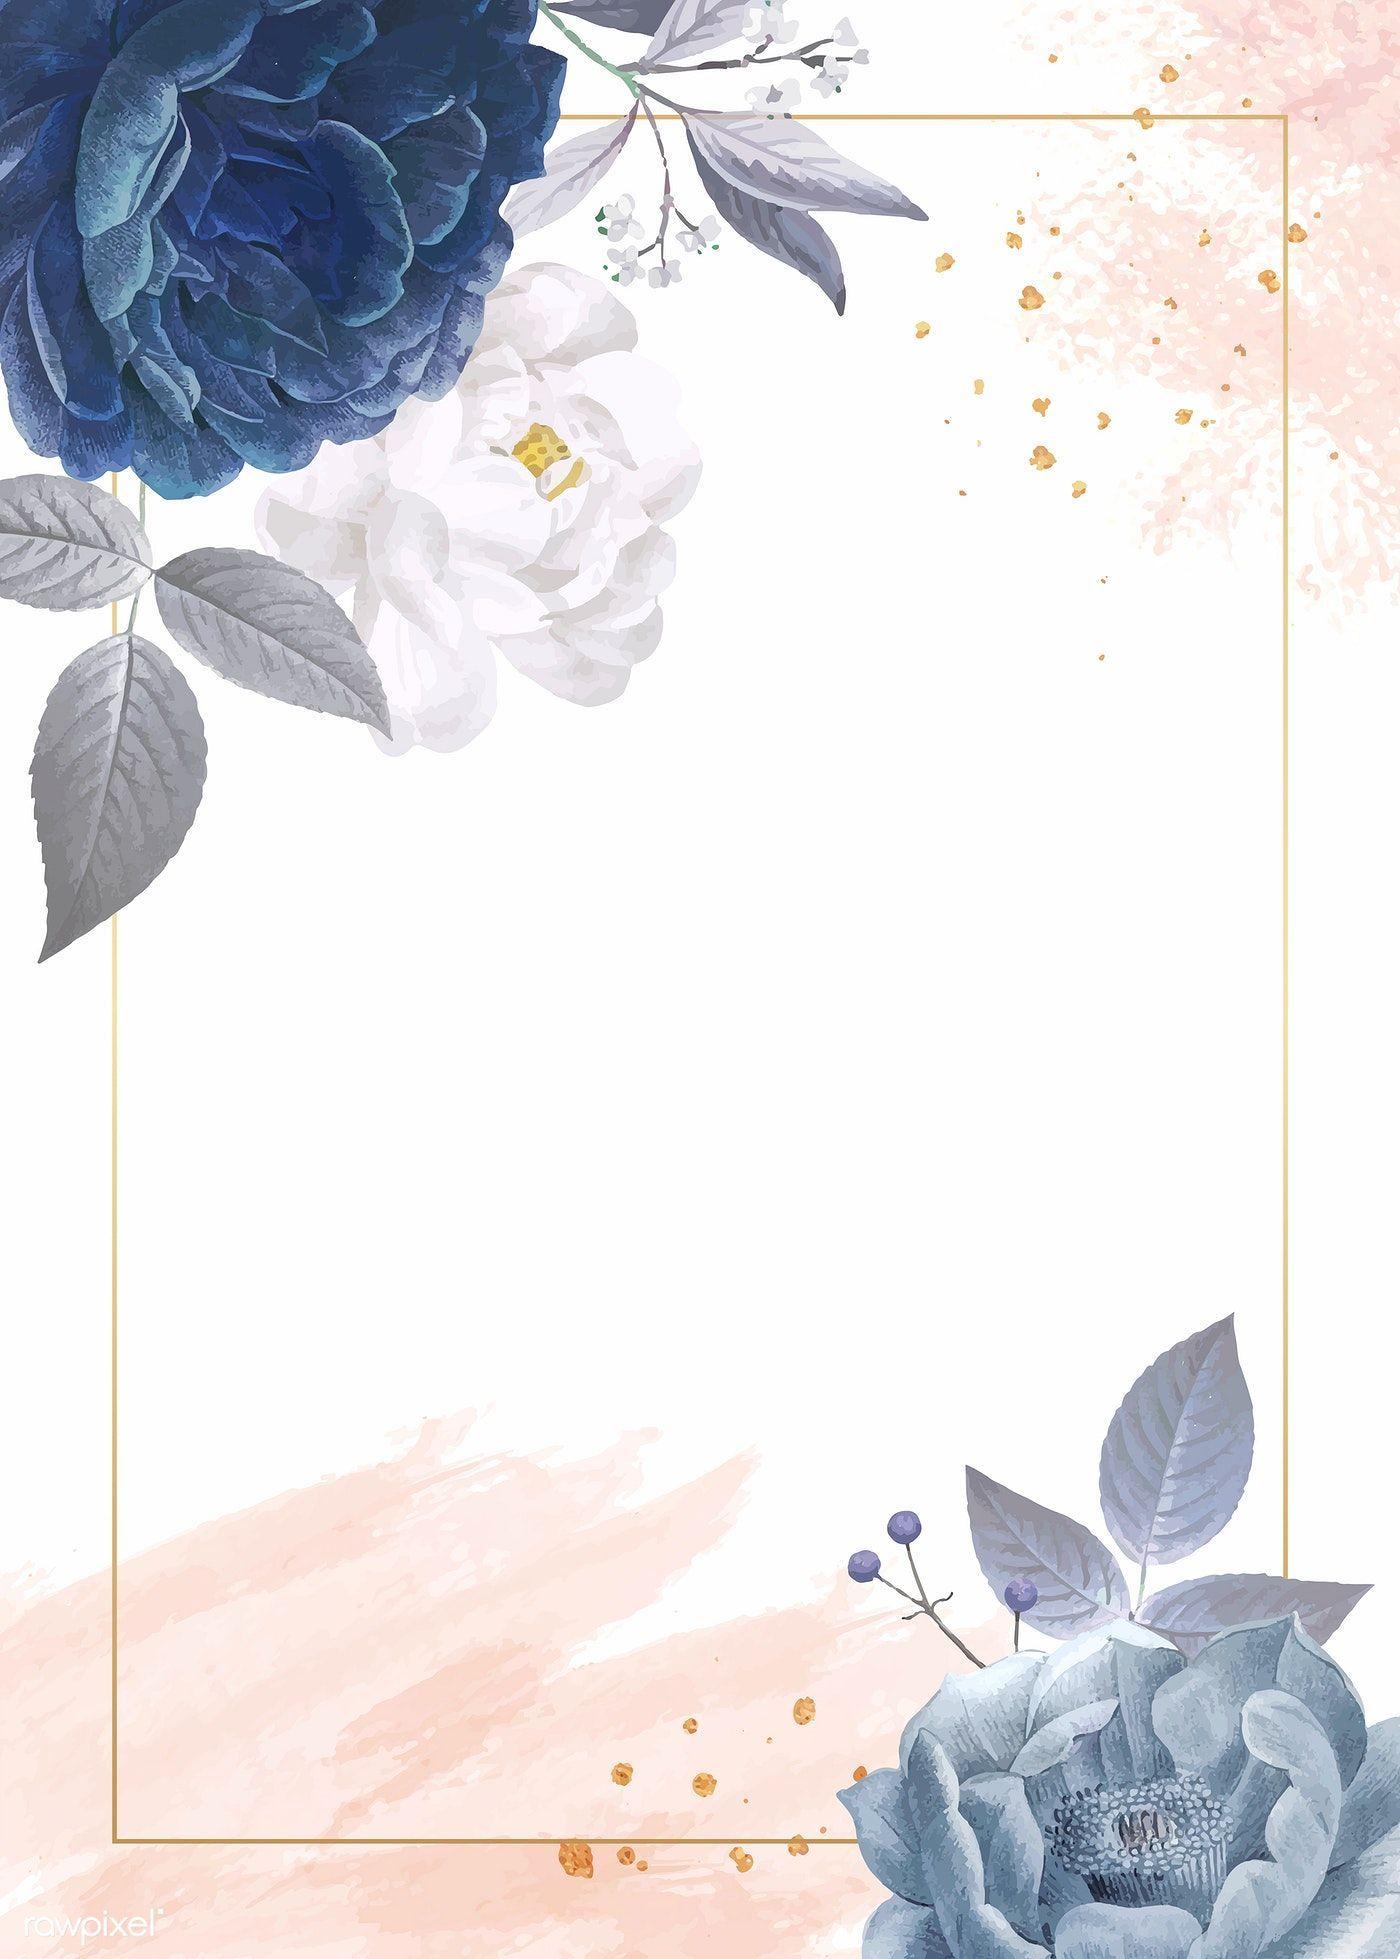 Blue Roses Themed Card Template Vector Premium Image By Soyut Cicek Resimleri Arkaplan Tasarimlari Poster Tasarimlari